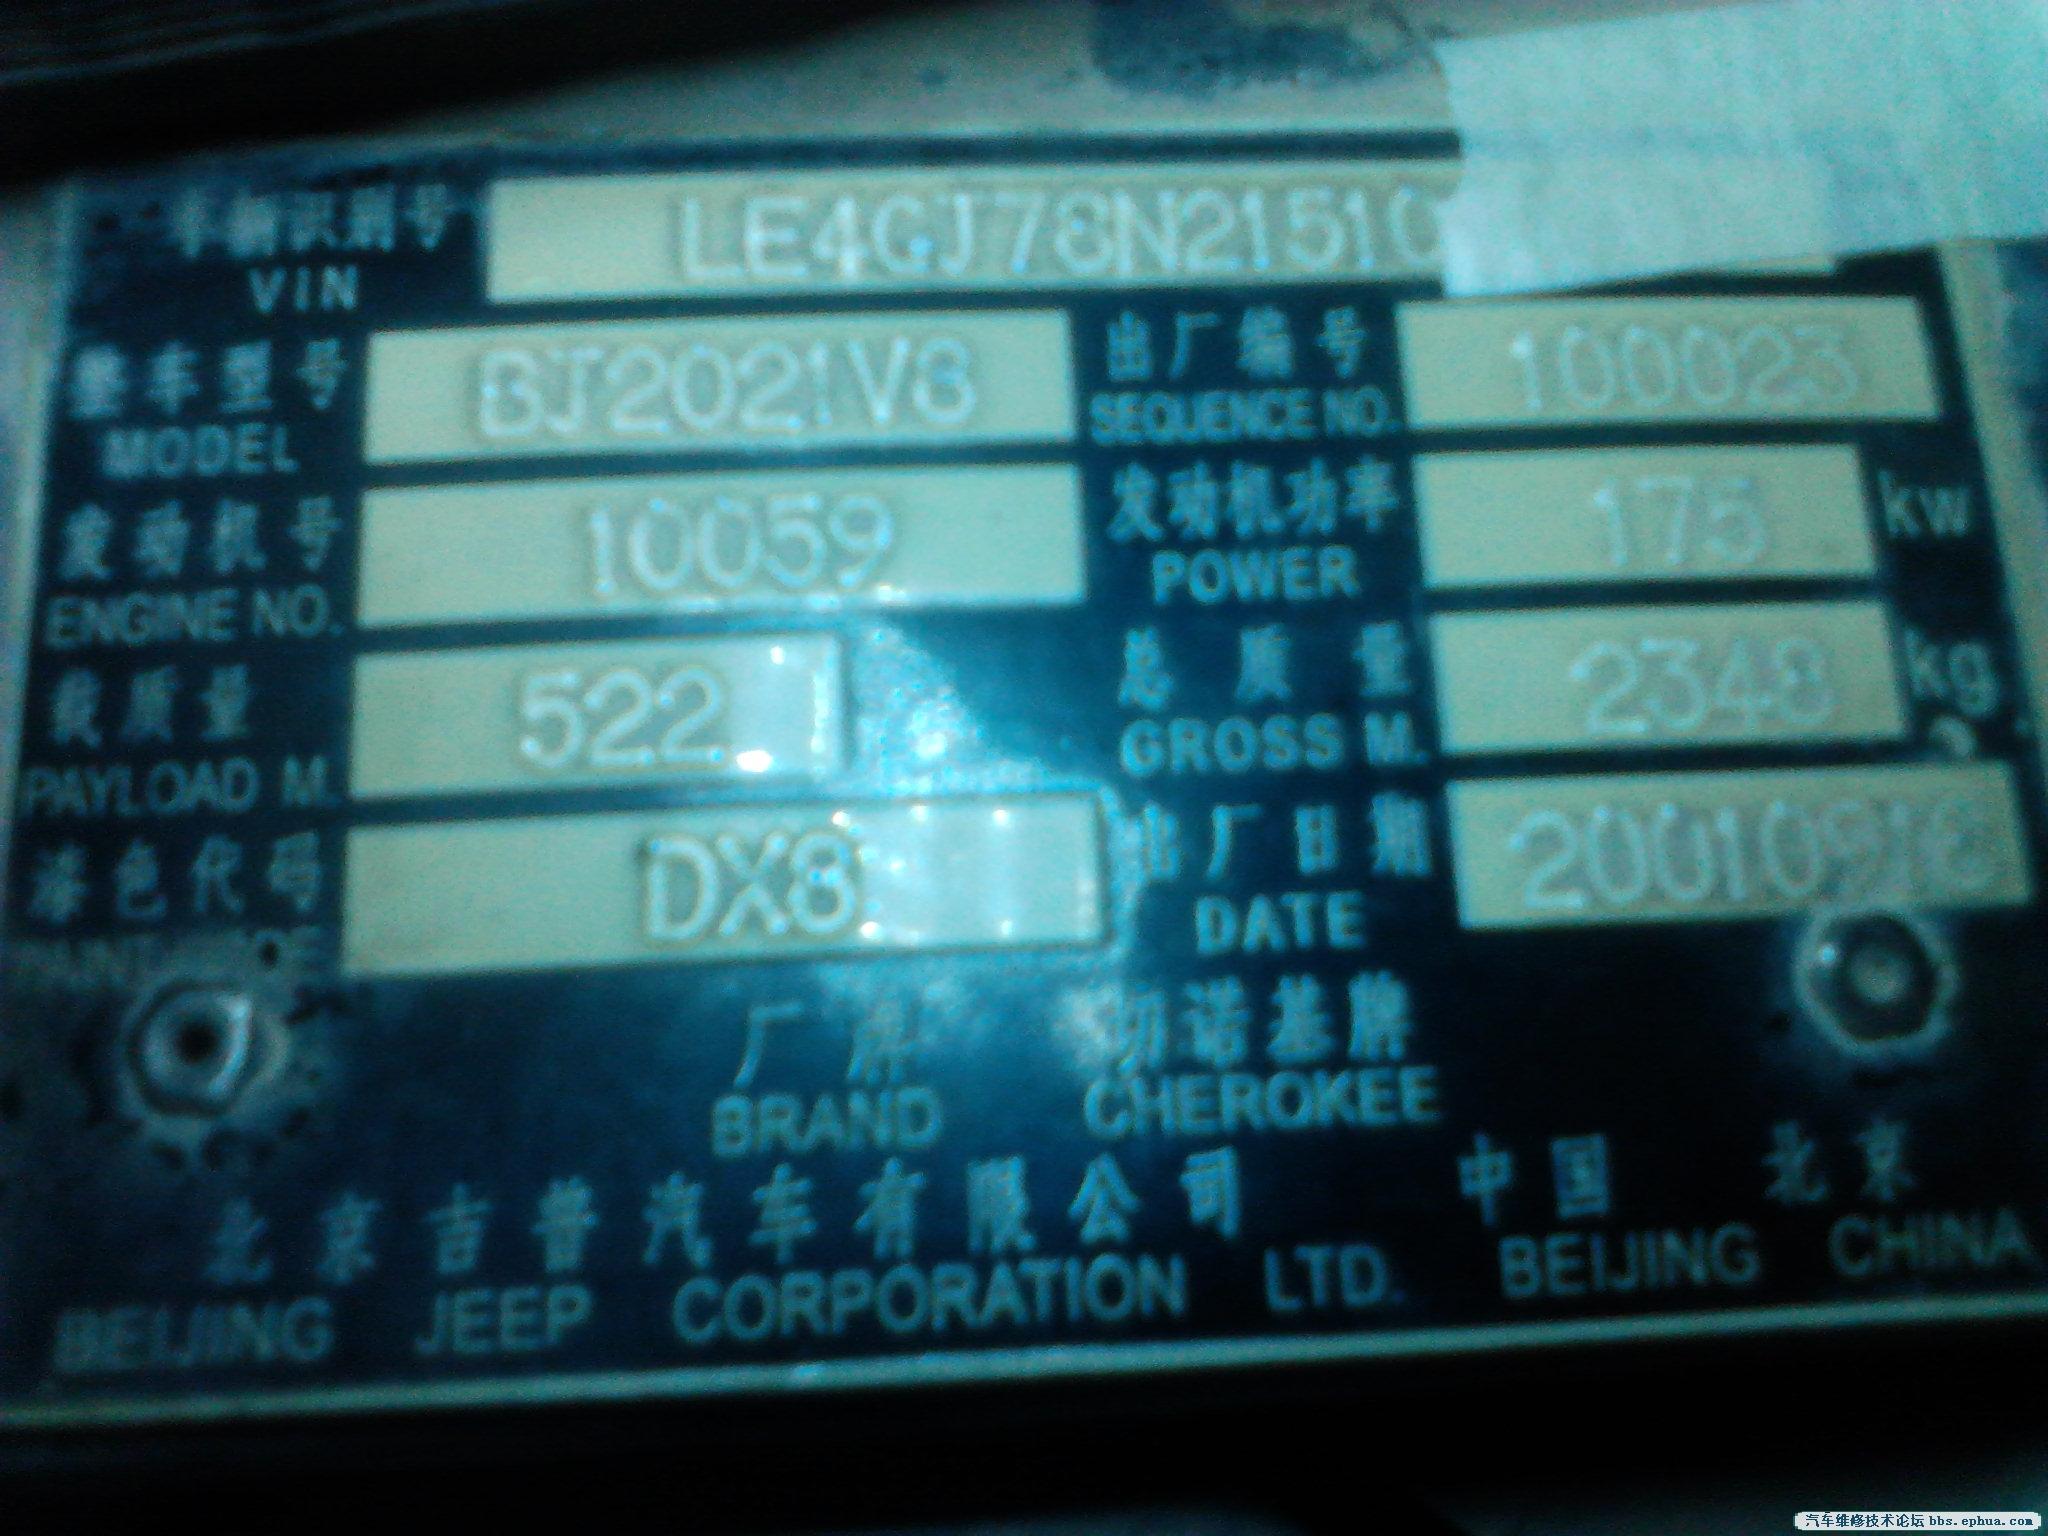 雨云大师求助 北京jeep v8 大切 汽修求助专区 discuz高清图片